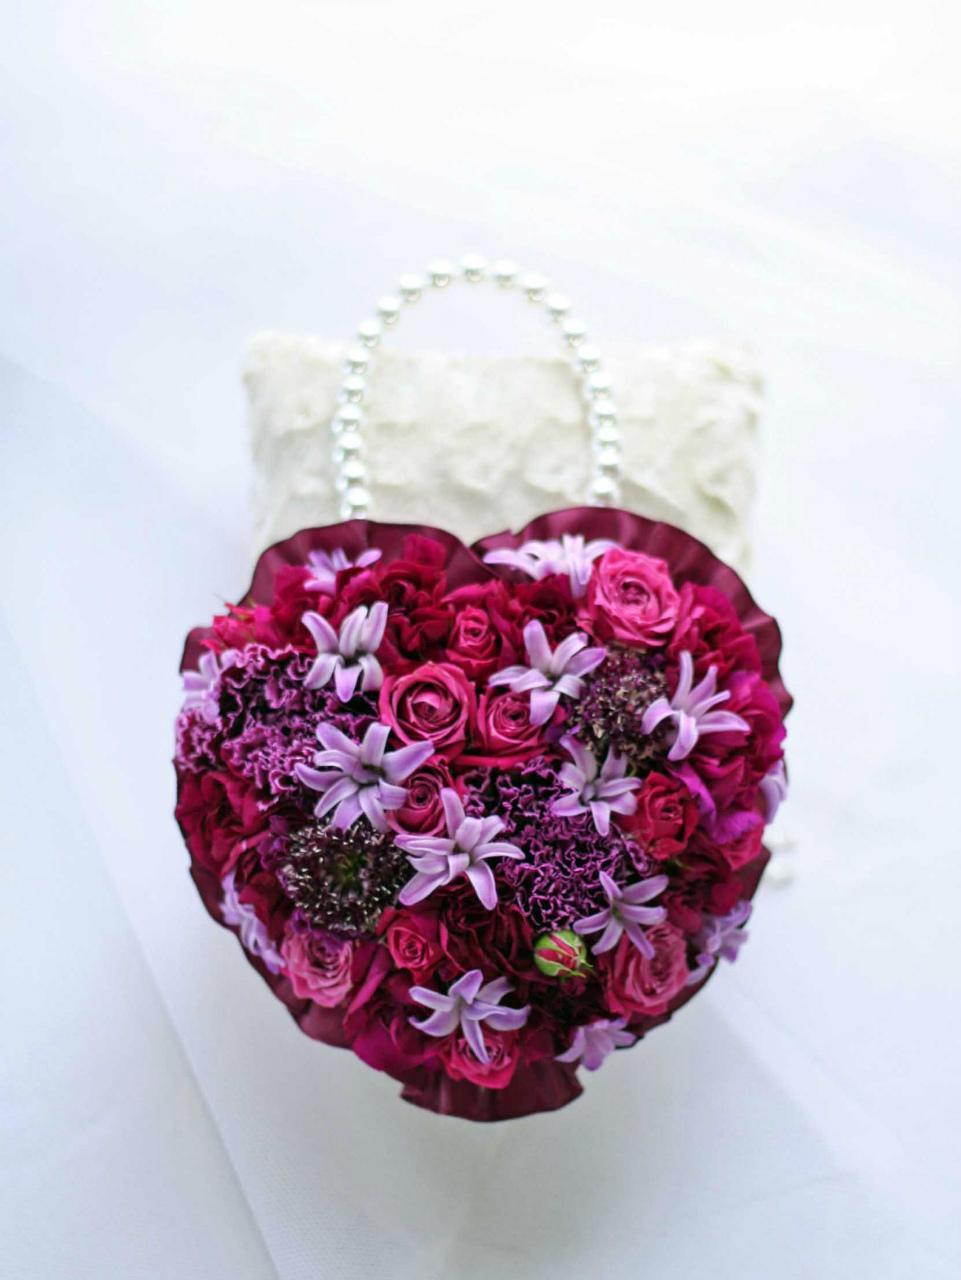 生花の濃いピンクのバラとヒヤシンスのハートの形のバッグ型ブーケ